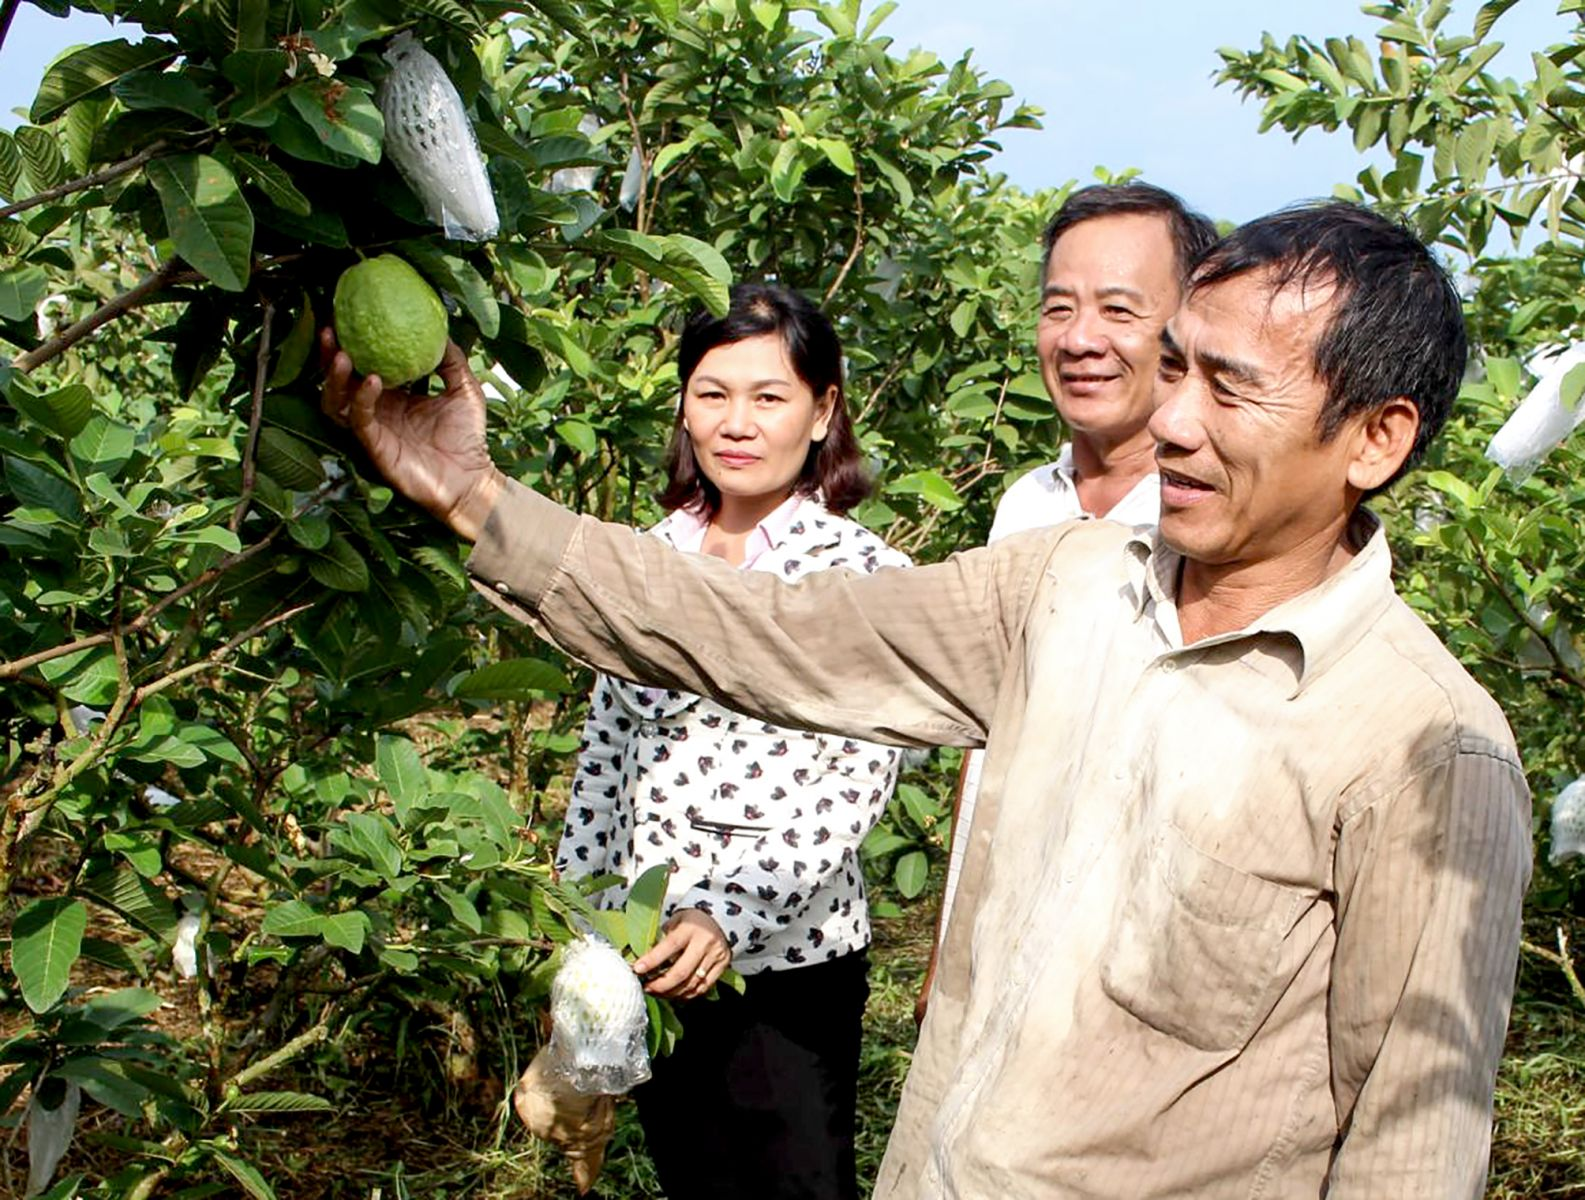 Lãnh đạo Hội Nông dân phường Thường Thạnh và hội viên nông dân đến tham quan mô hình trồng ổi lê của ông Tiến. Ảnh: THANH THƯ